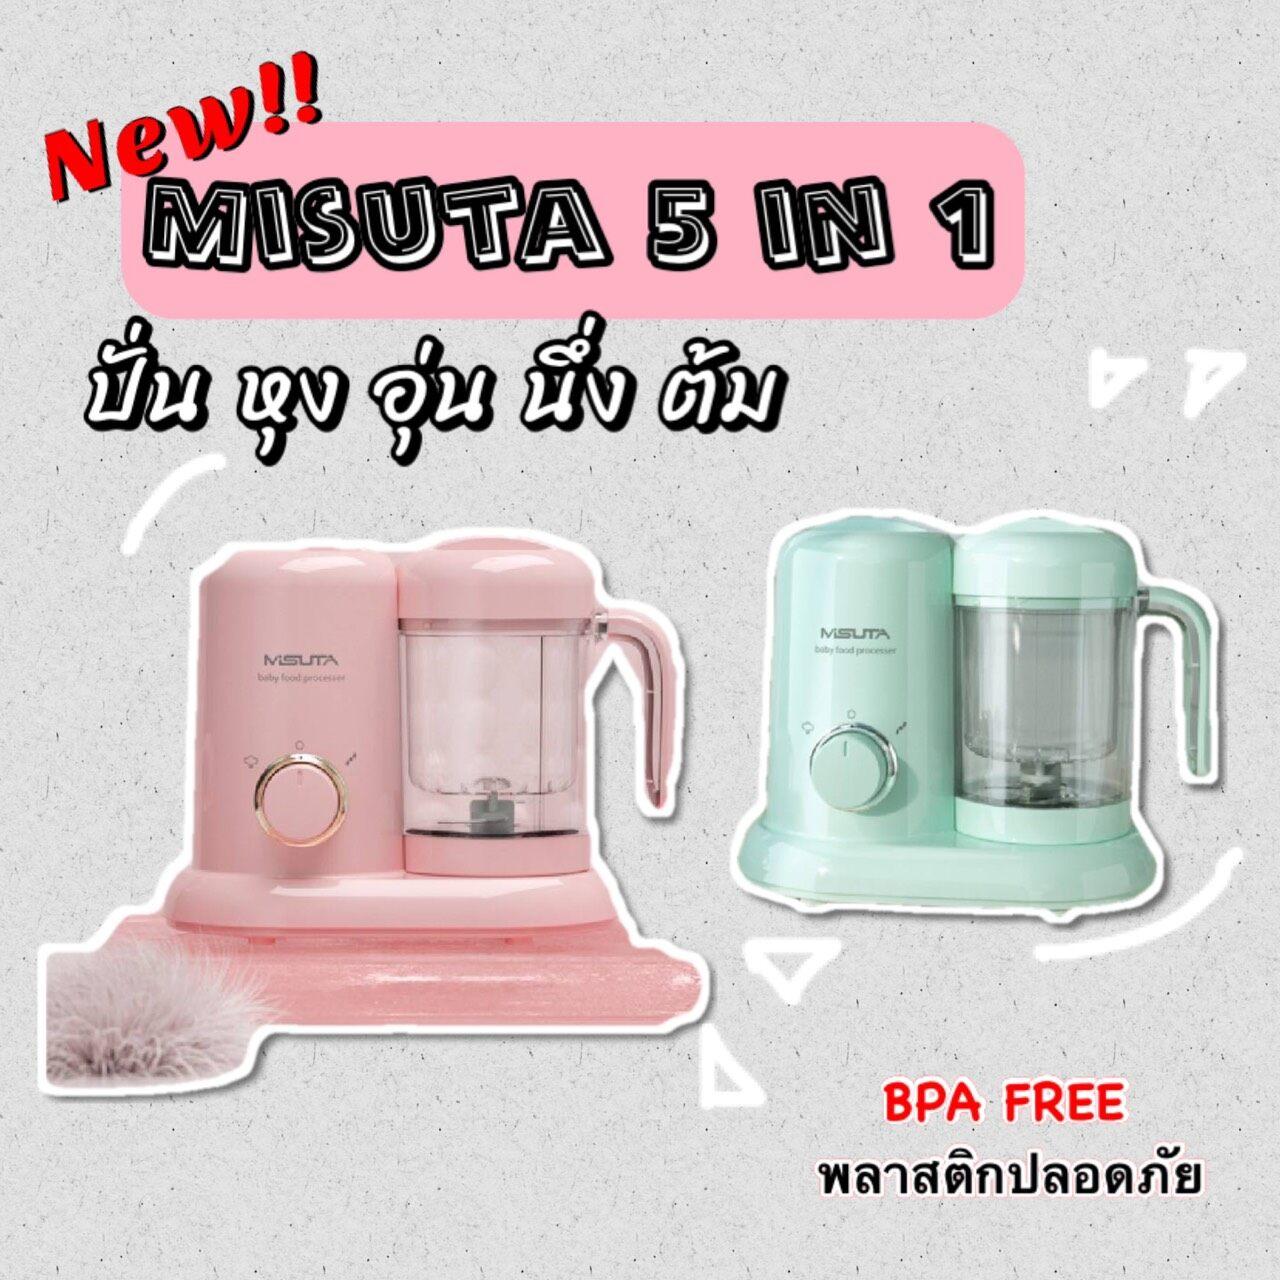 (ปลั๊กไทยแท้จากโรงงาน ไม้ต้องแปลง) เครื่องนึ่งปั่นอาหาร Misuta ของแท้100% มี 2สี สีชมพู และสีเขียว เครื่องปั่นอาหารเด็ก เครื่องทำอาหารเด็ก.